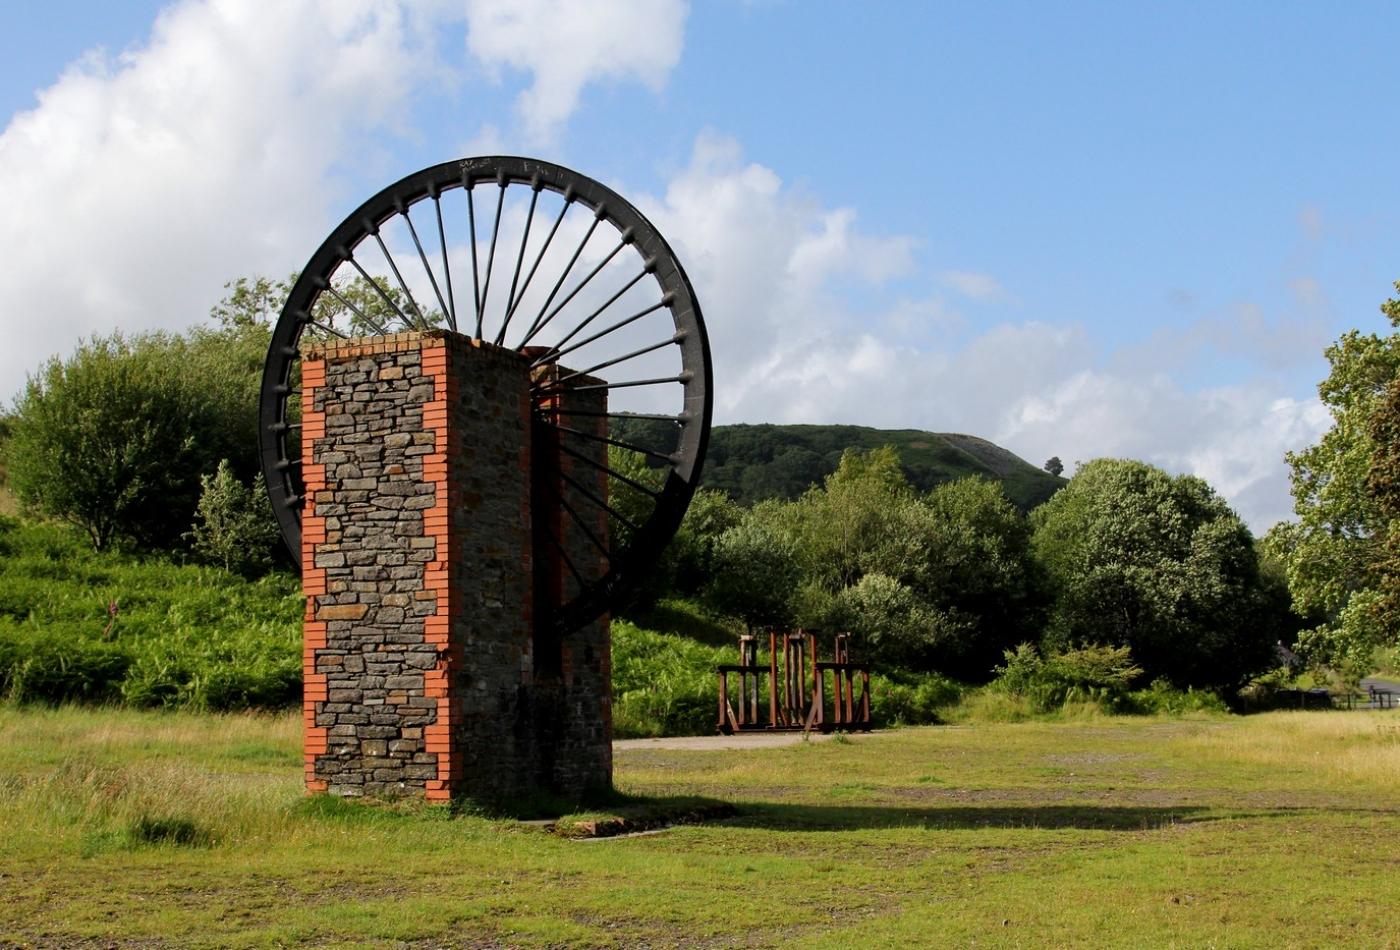 big-wheel-lesley-newcombe